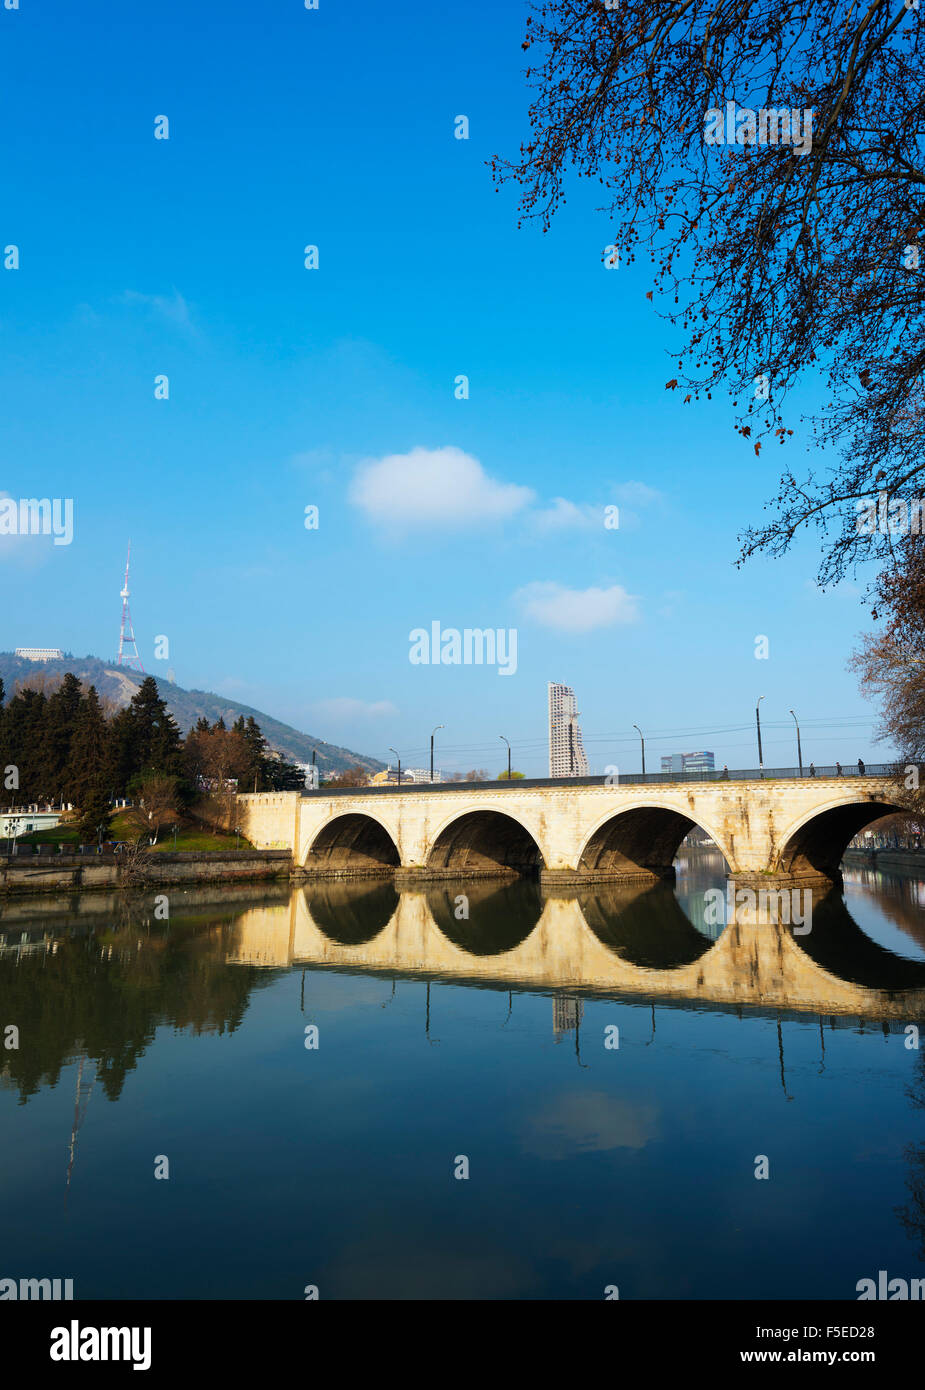 Puente Arqueado reflejando en el río Mtkvari, Tbilisi, Georgia, el Cáucaso, Asia Central, Asia Imagen De Stock